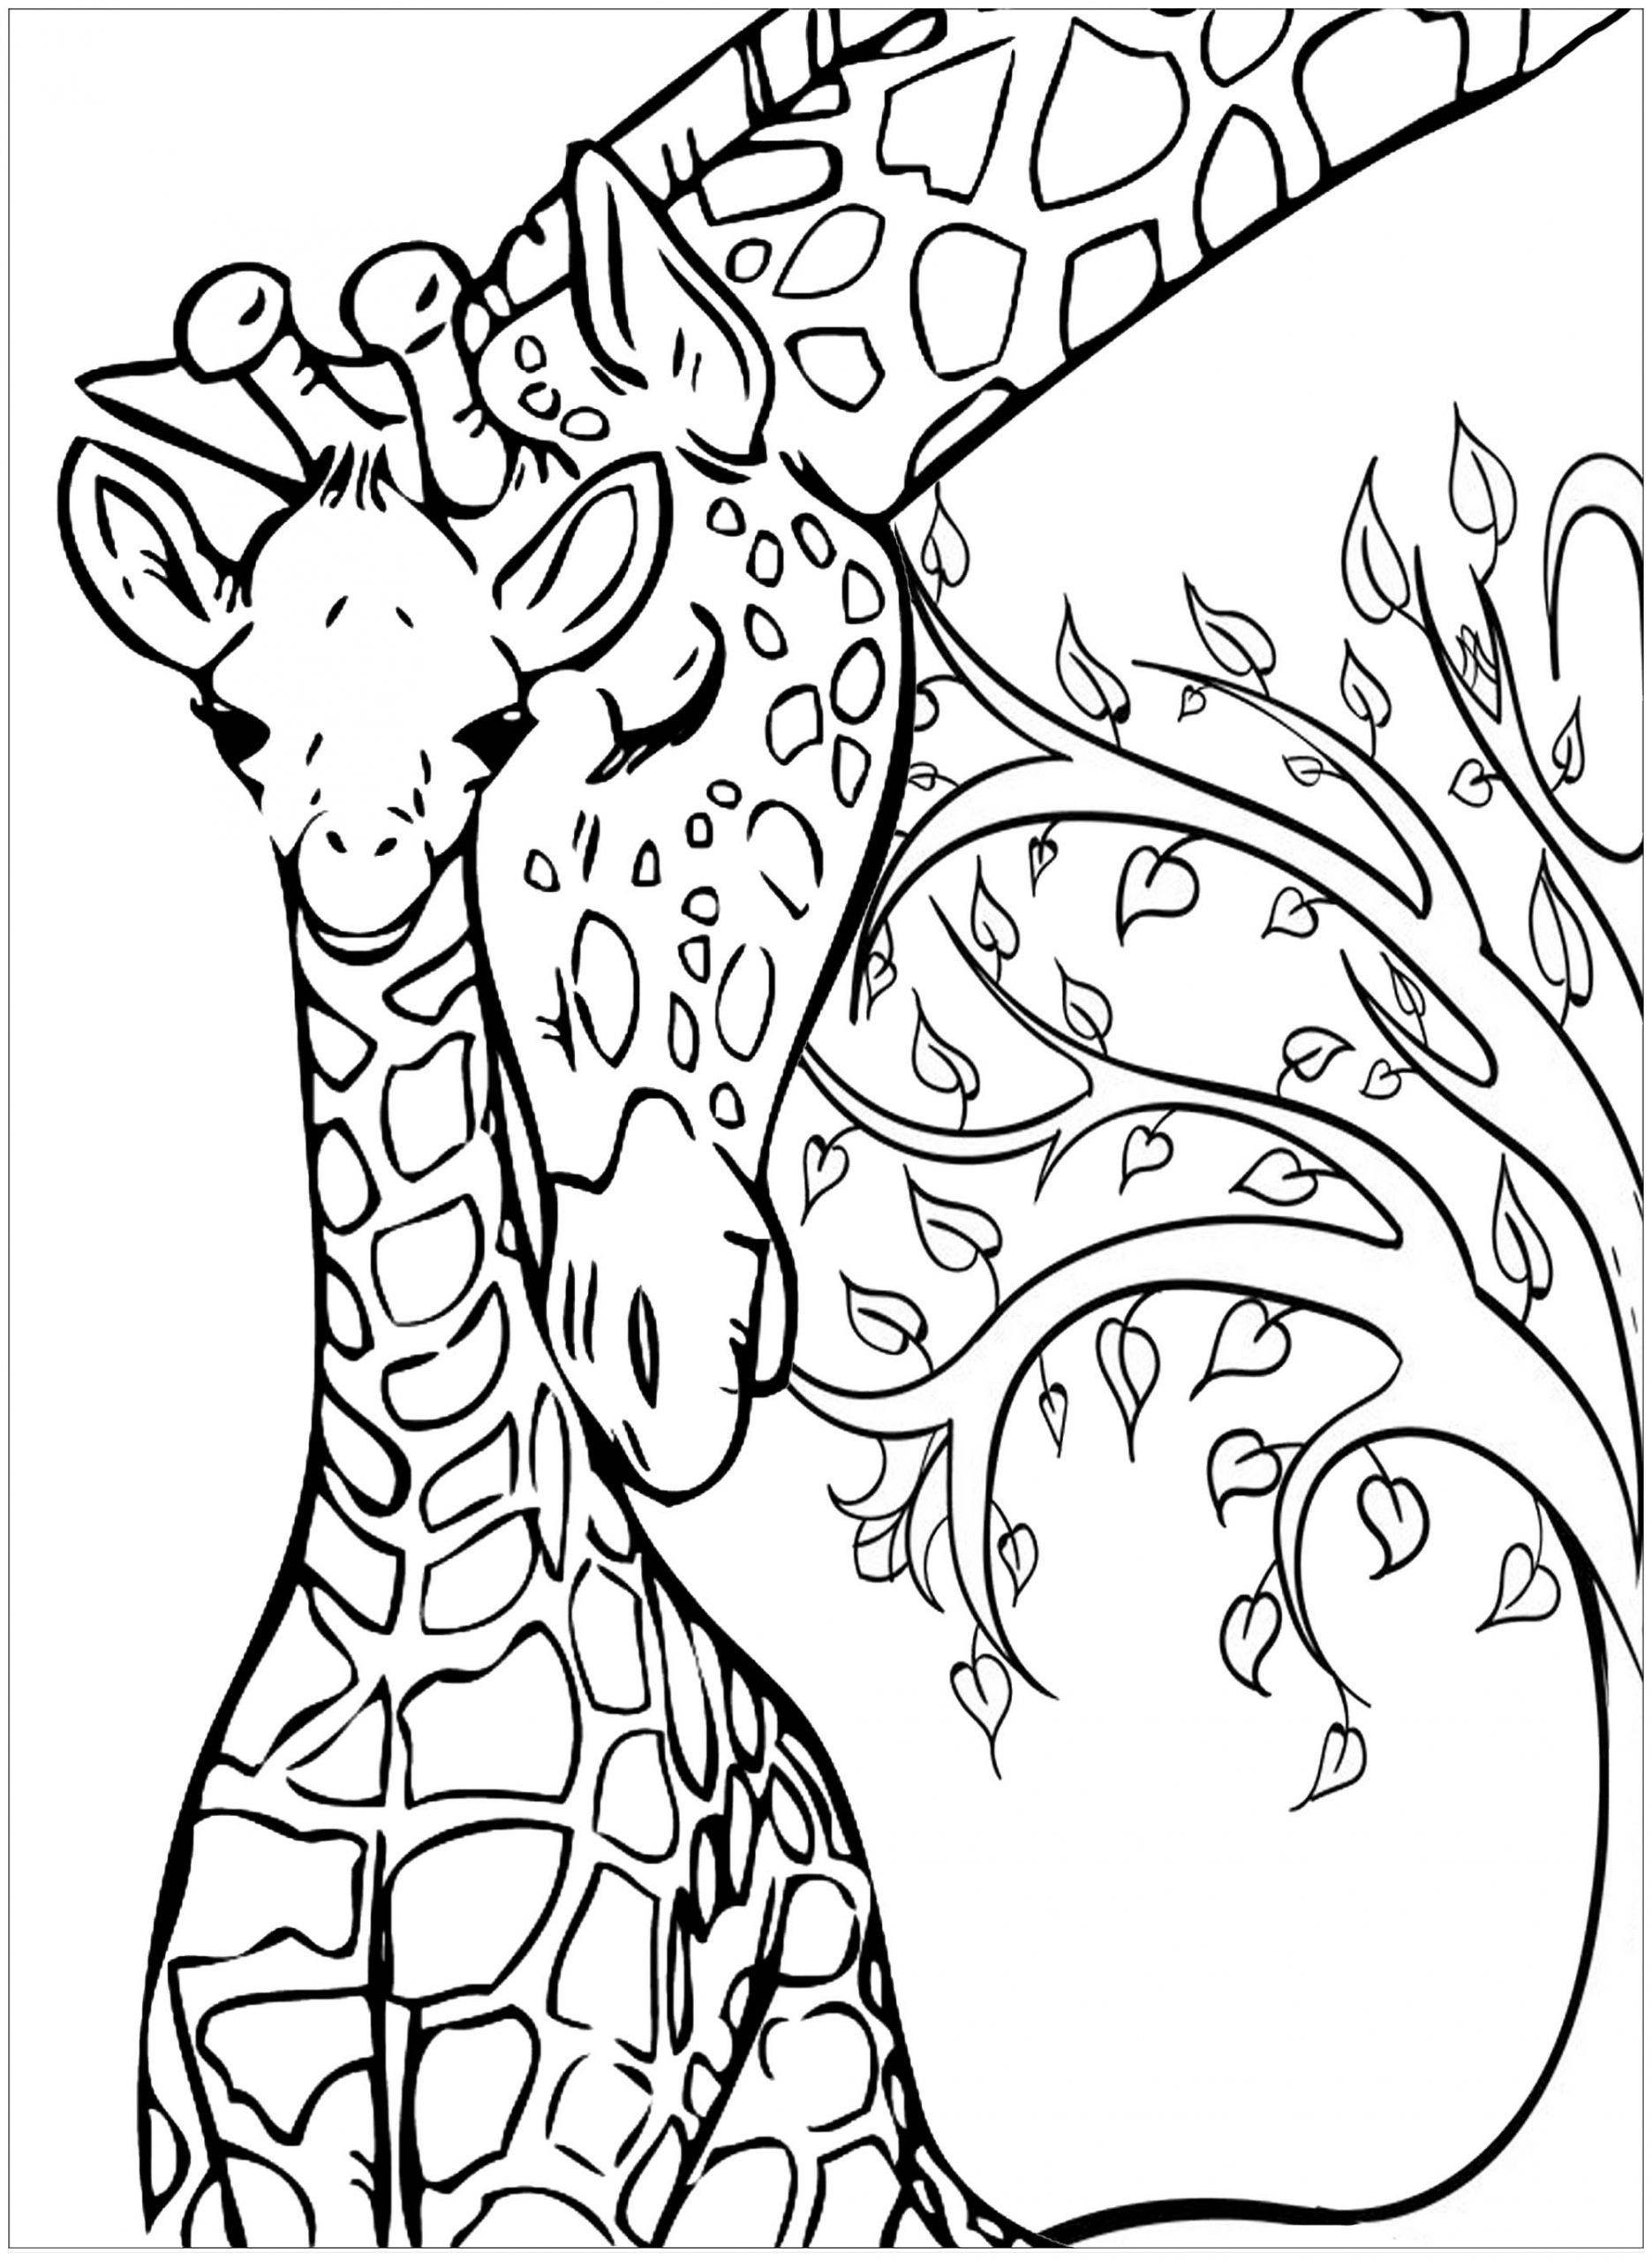 Giraffe To Color : giraffe, color, Giraffe, Coloring, Pages, Color, Colori…, Pages,, Planet, Colors